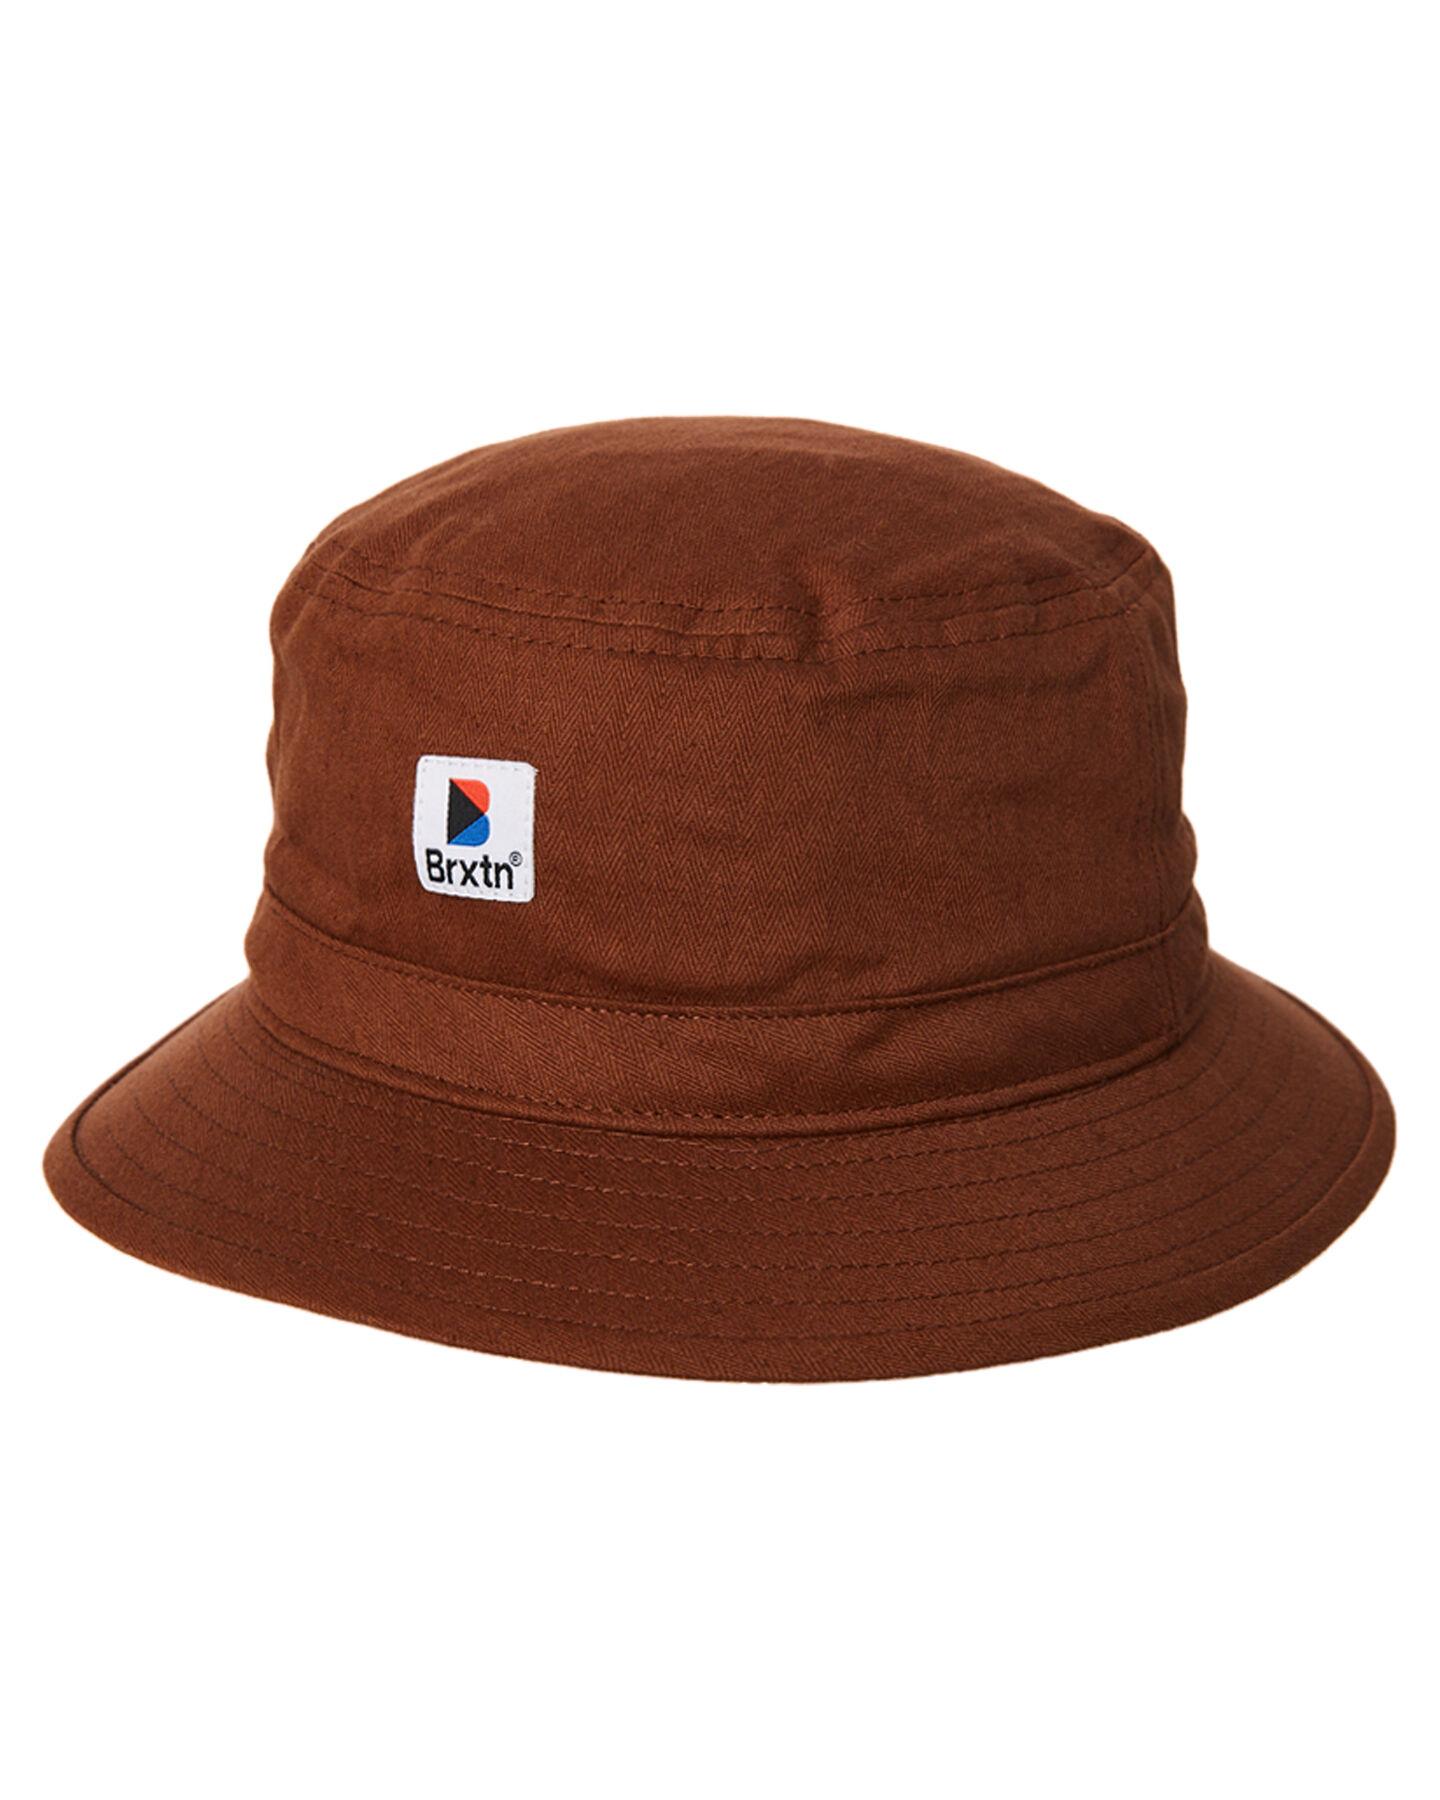 c7d5d2921c087e ... coupon for brixton stowell bucket hat c7b76 14de8